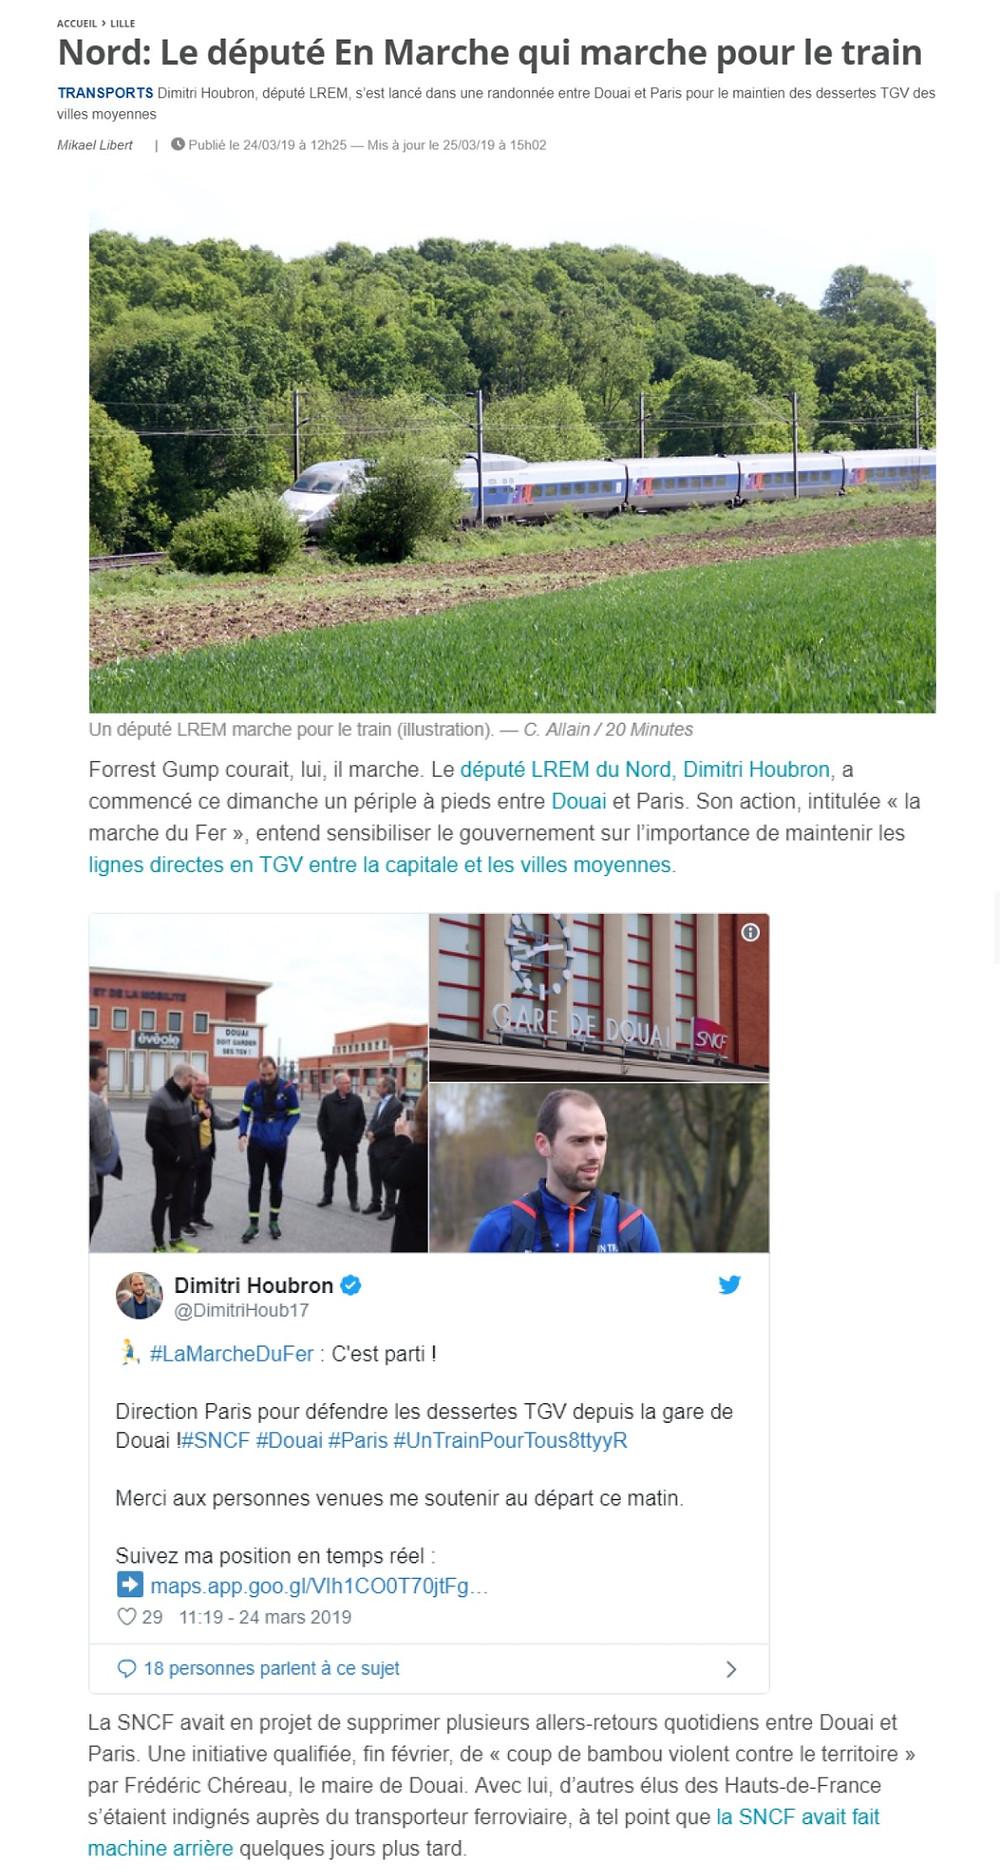 Le député En Marche qui marche pour le train